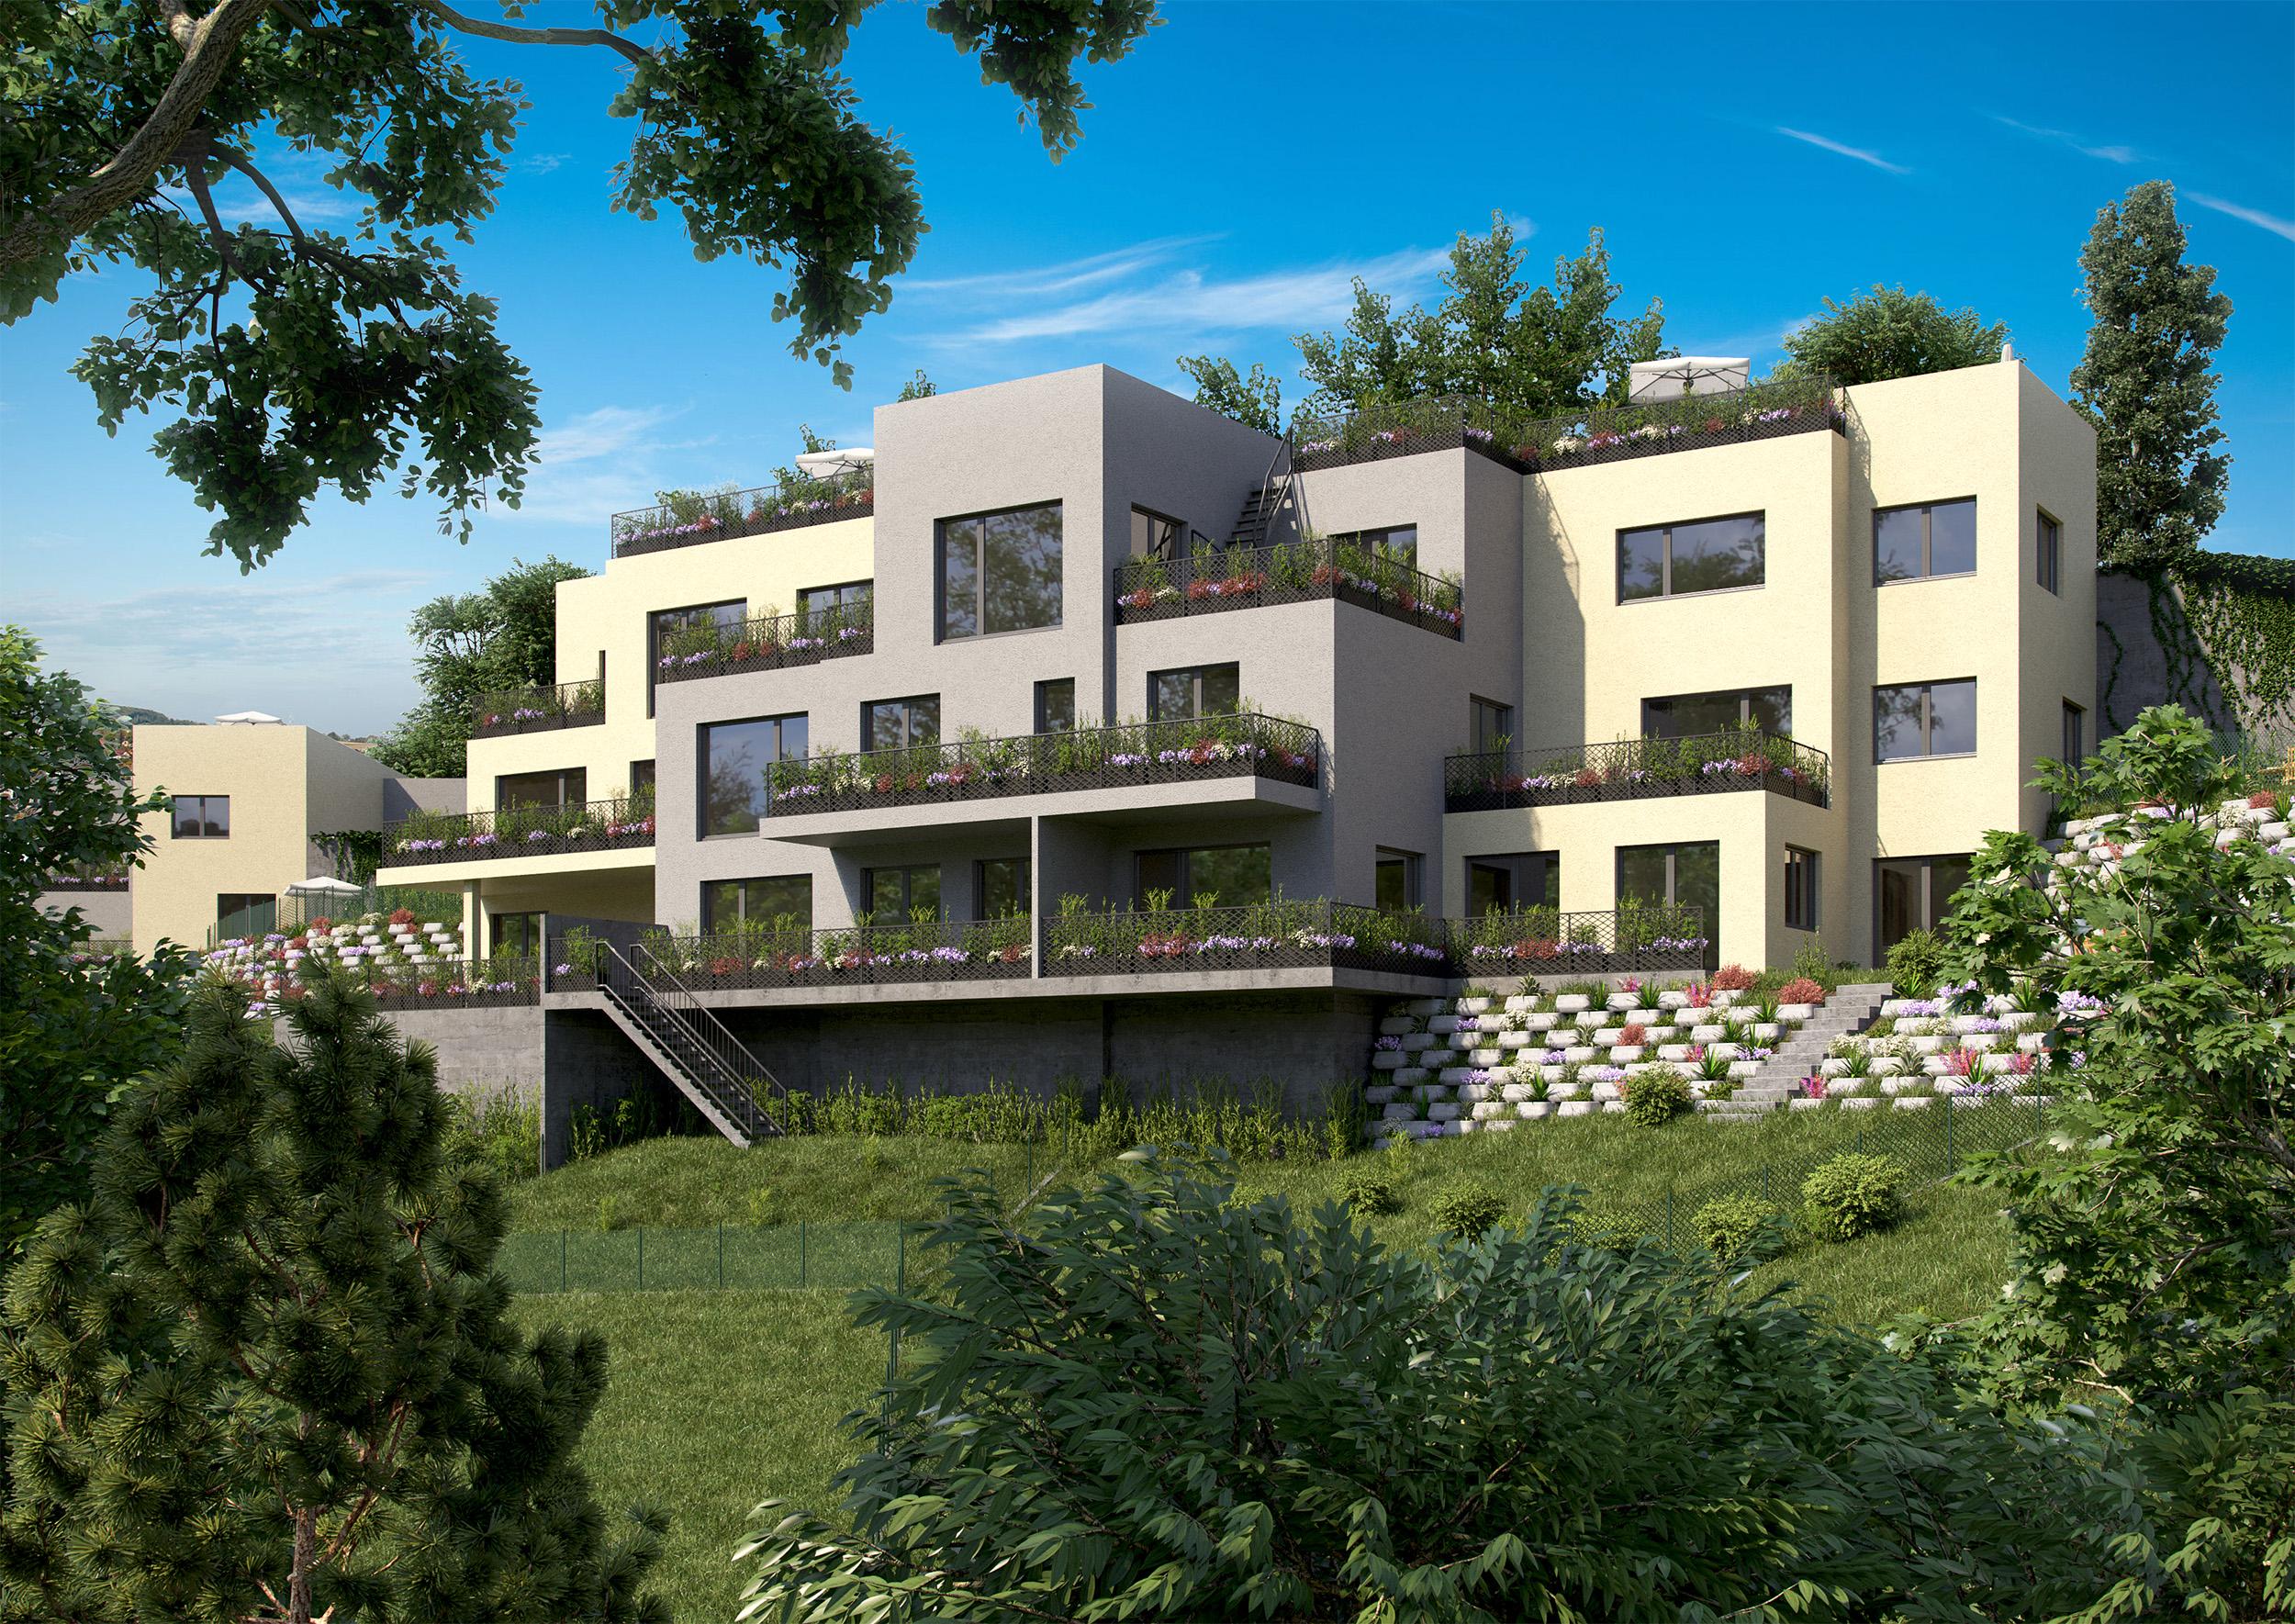 vizualizace exteriéru bytový architekt